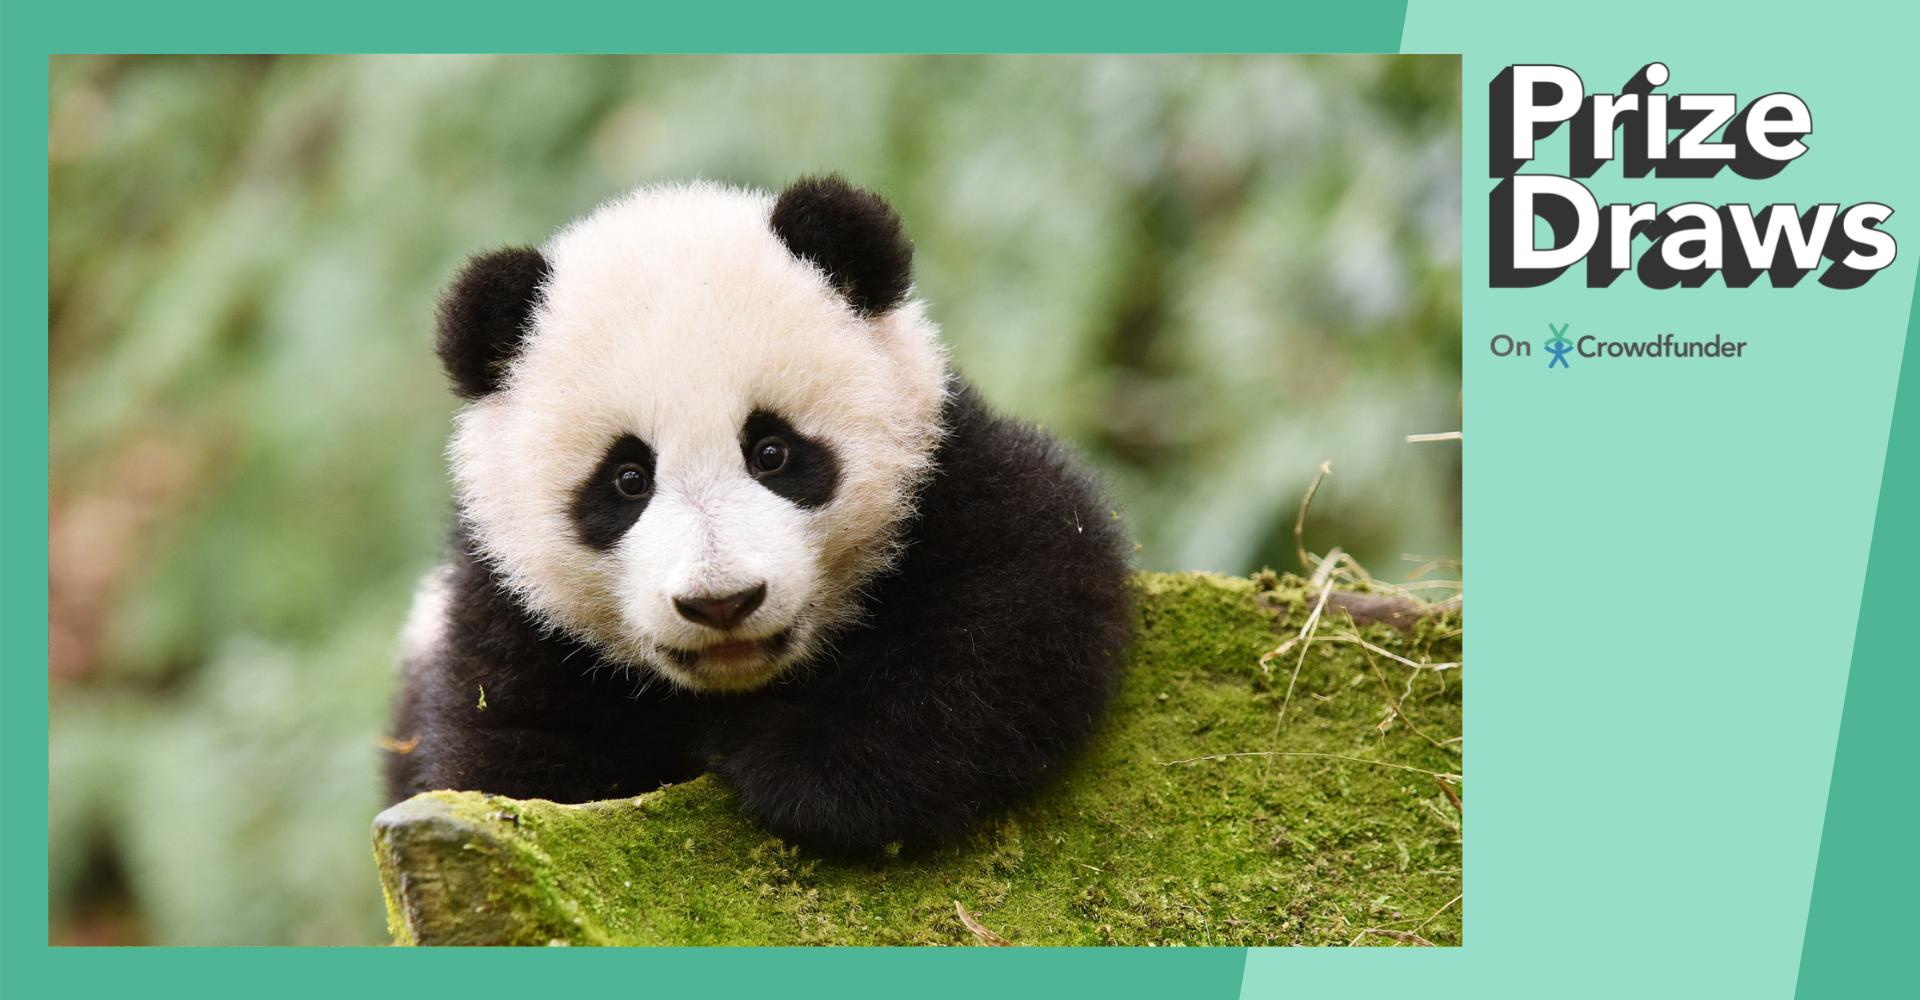 Prize draws on Crowdfunder: Edinburgh Zoo's prize draw